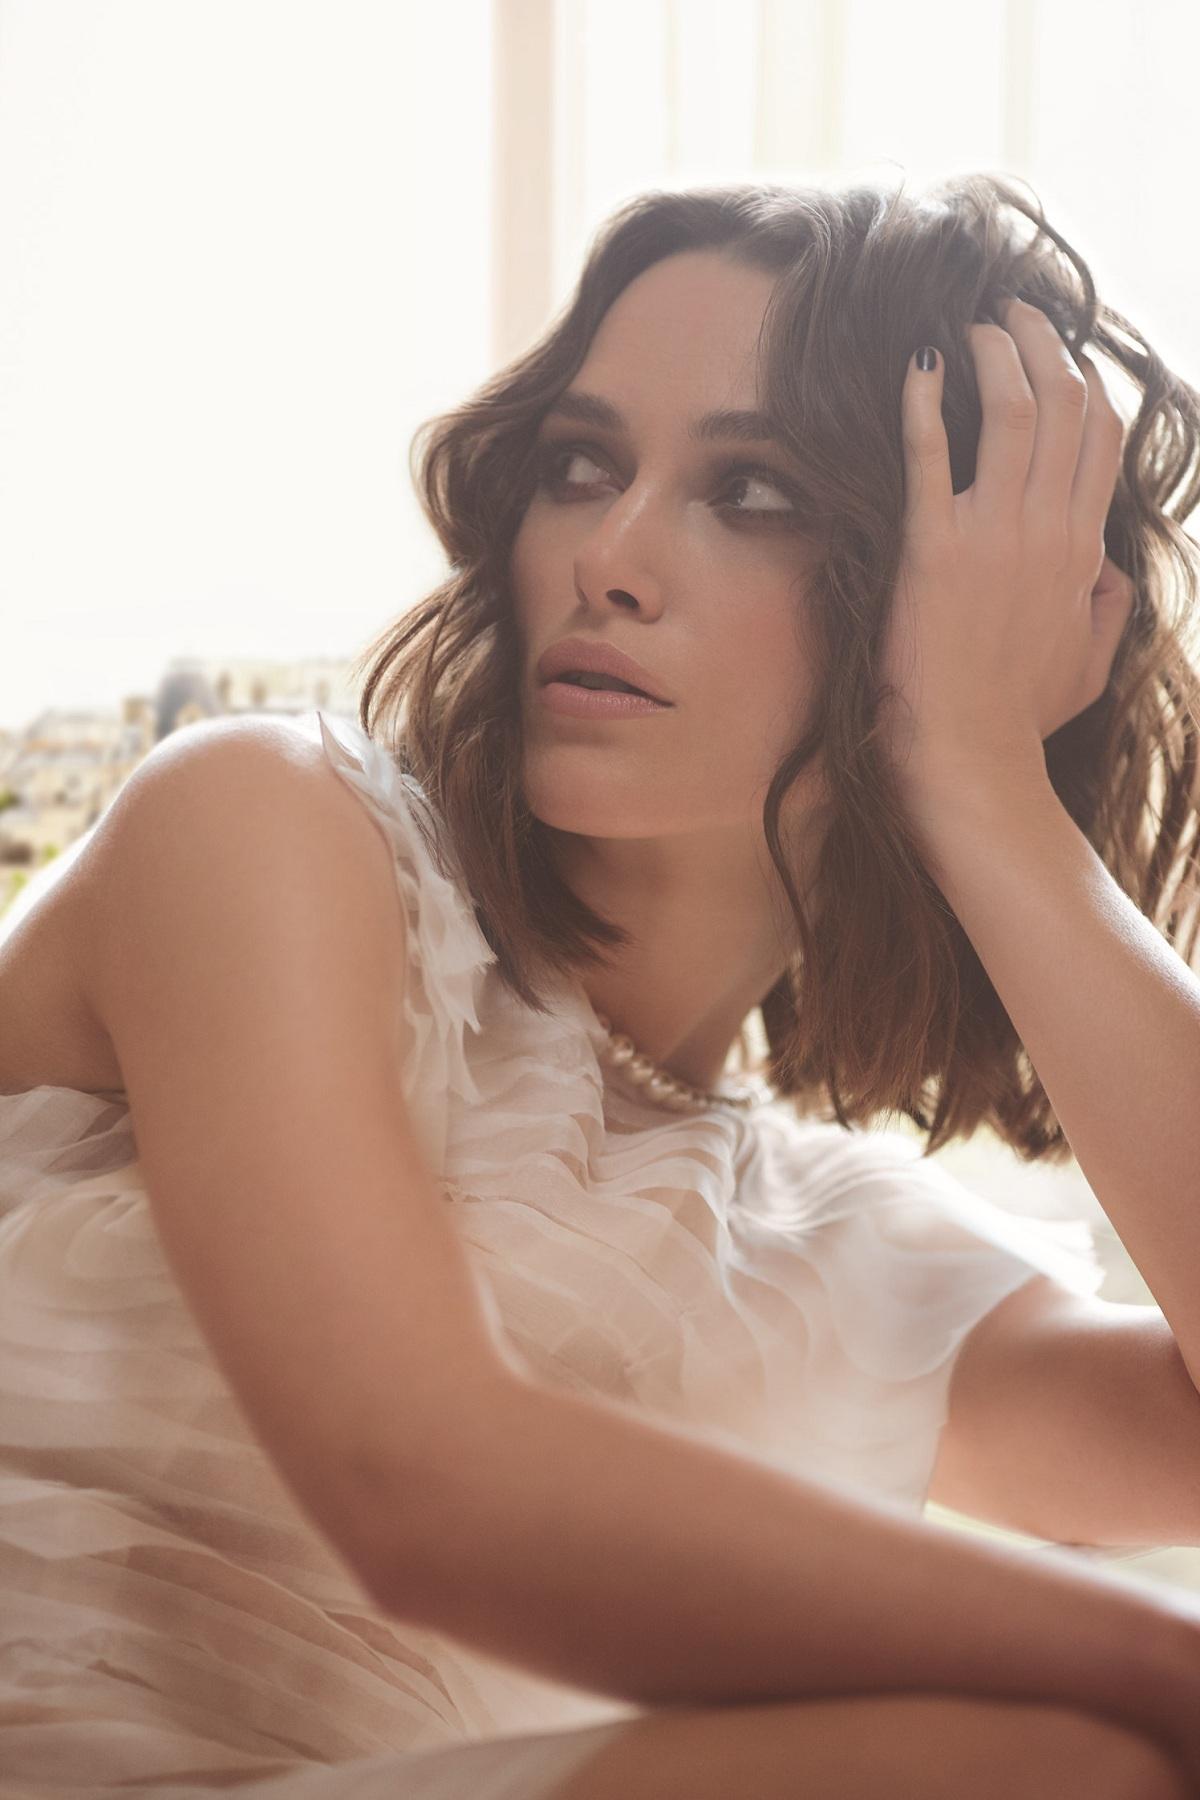 Chanel_Coco_Mademoiselle_Ete_Fashionela (1)